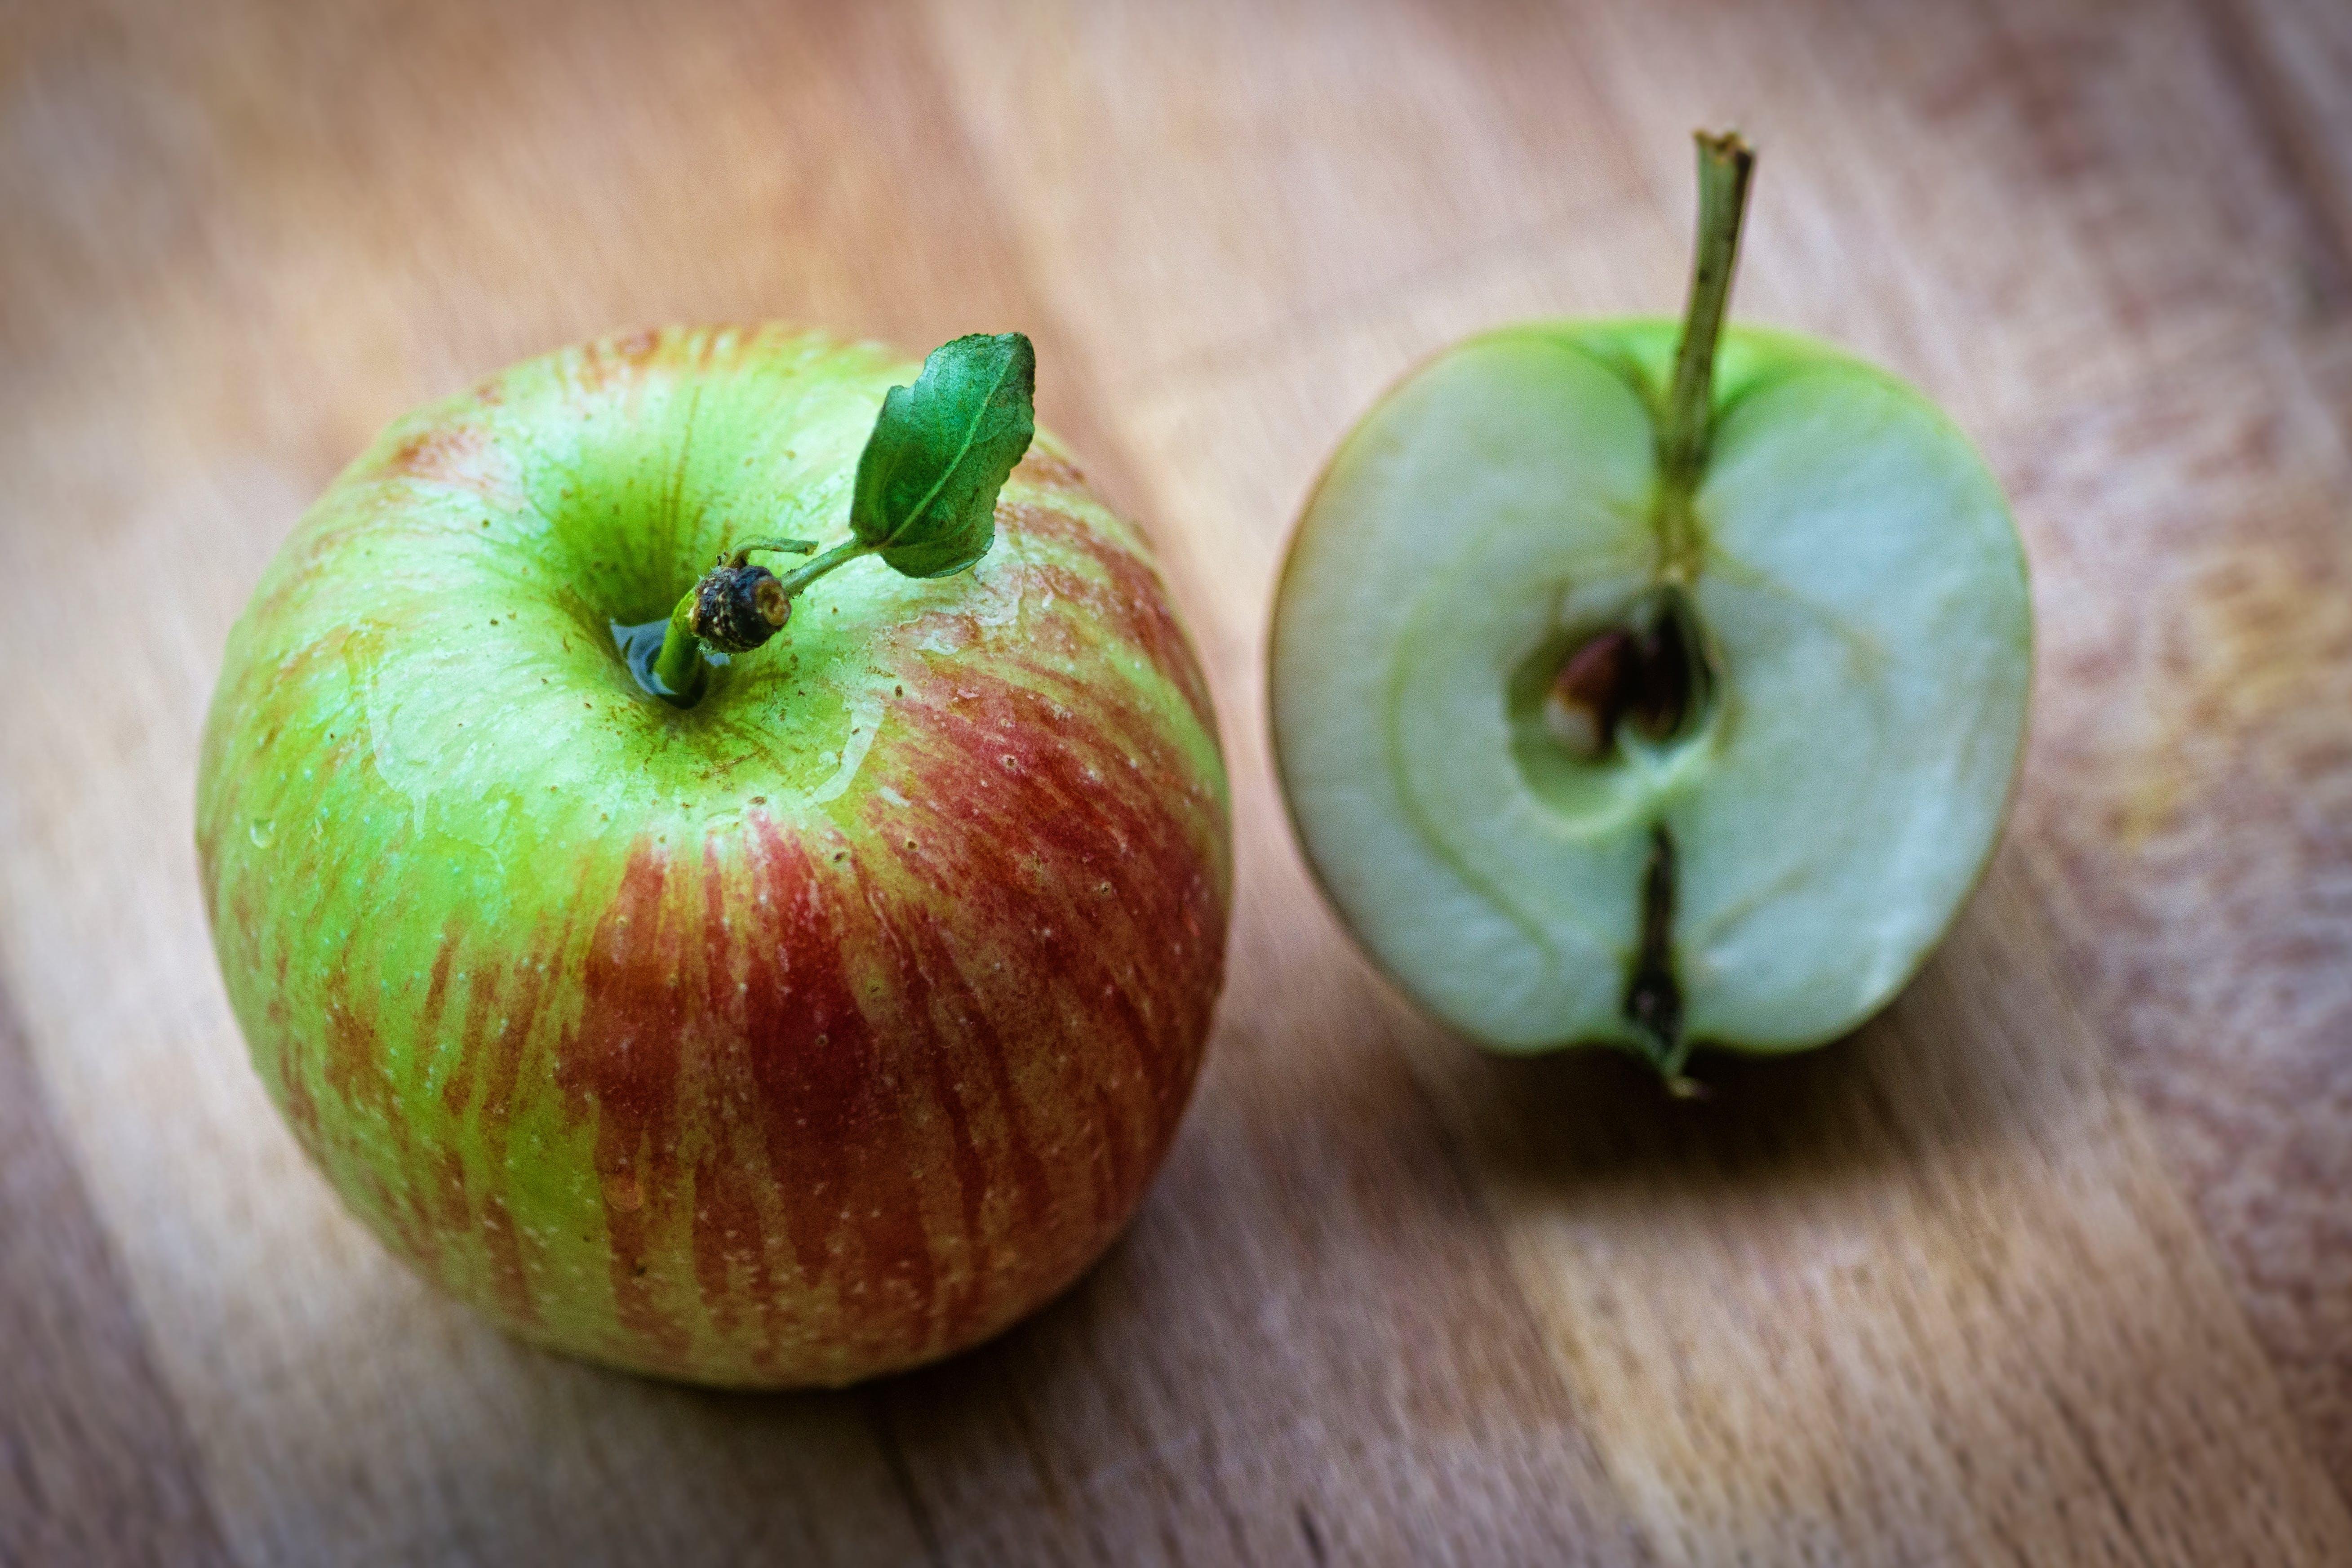 Slice Green Apple Fruit